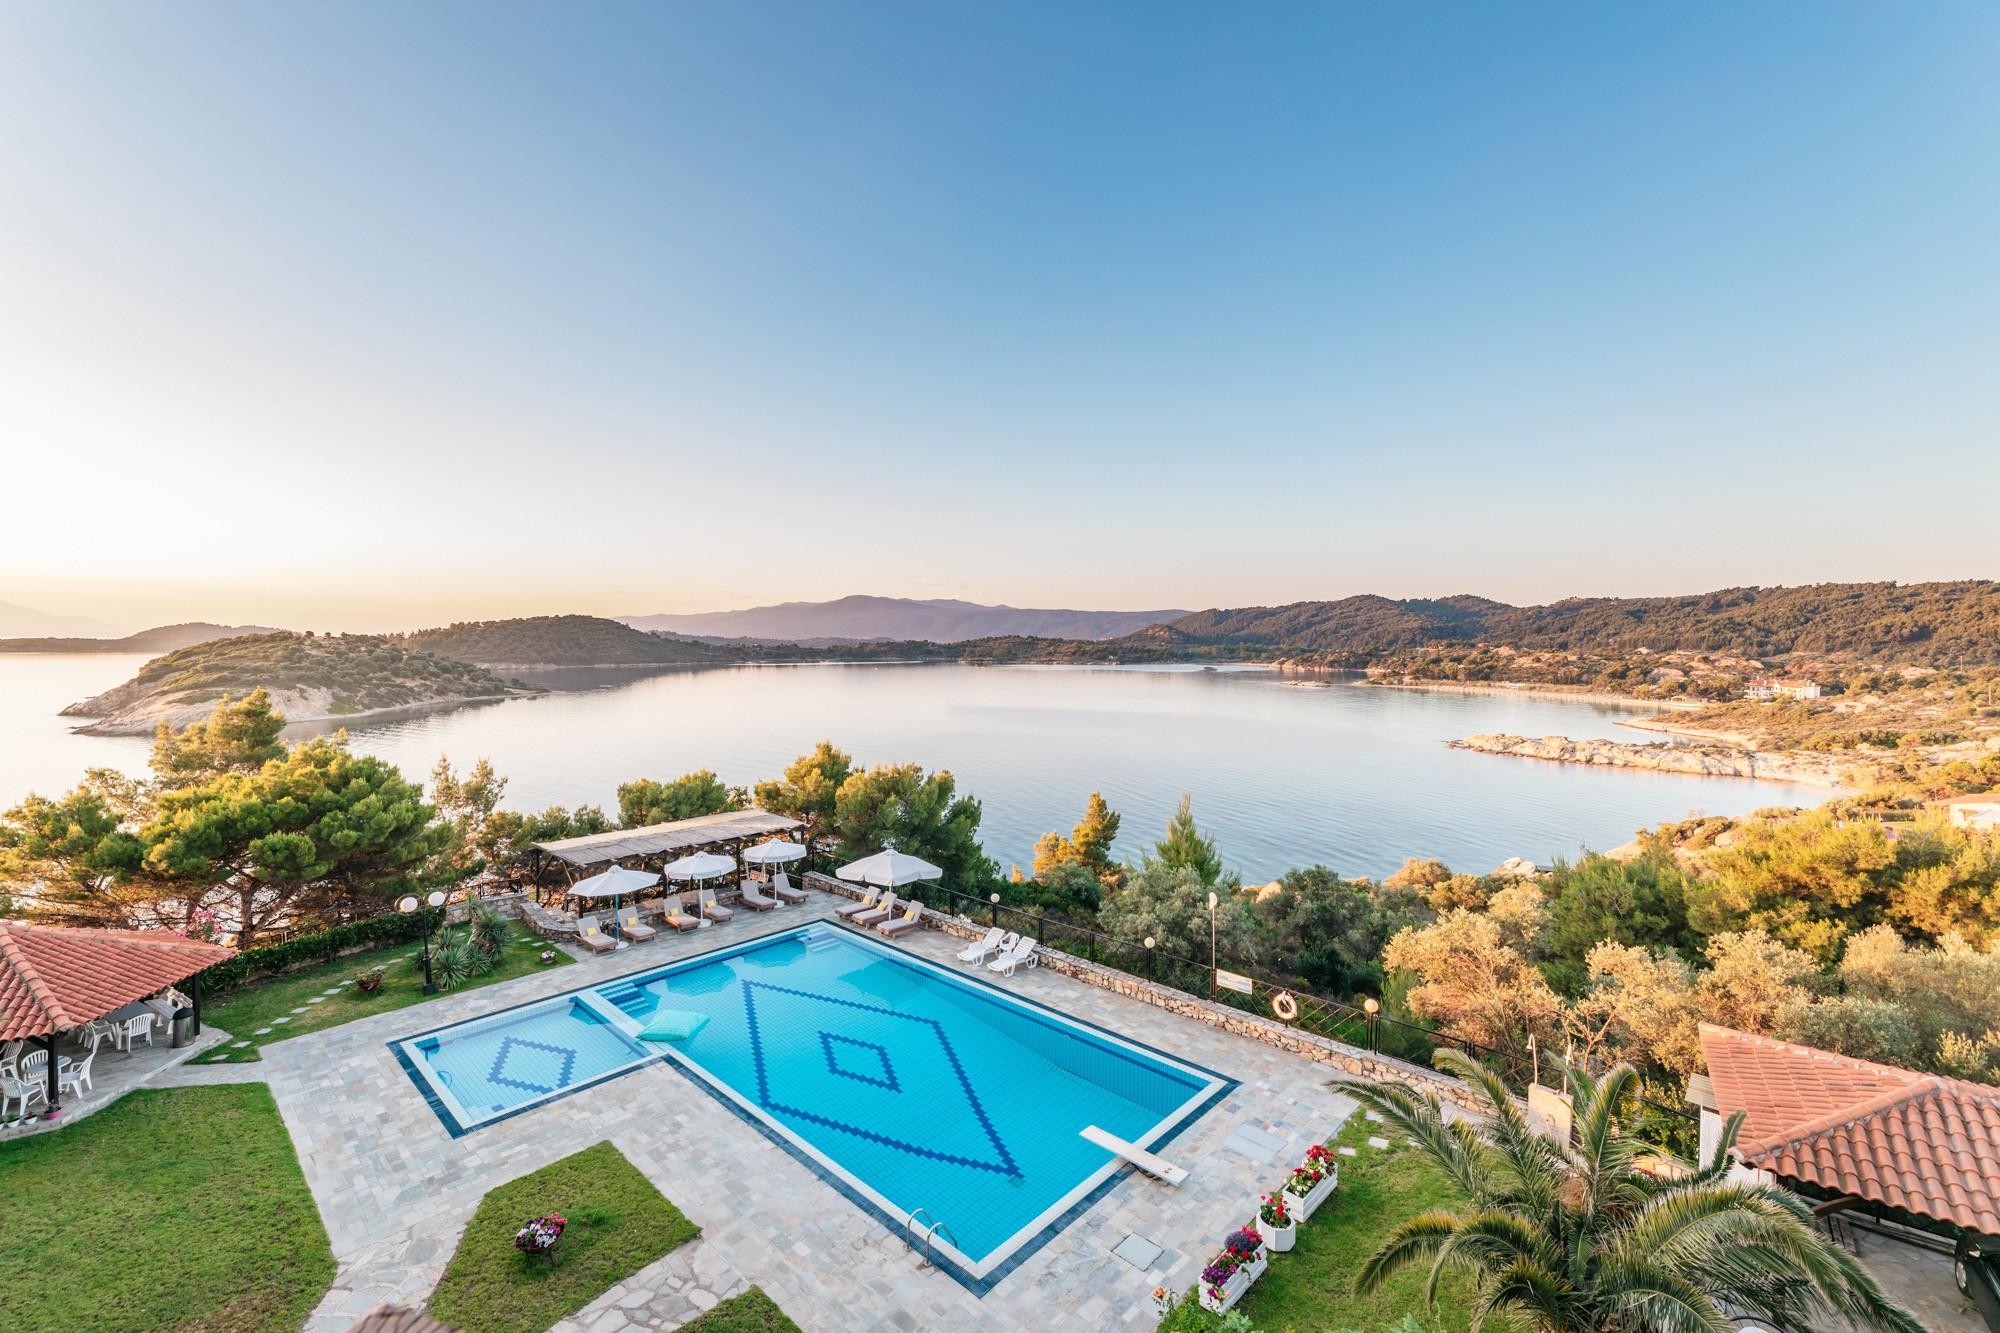 Ξενοδοχείο Theoxenia στην Χαλκιδική - Φωτογράφιση εσωτερικών και εξωτερικών χώρων